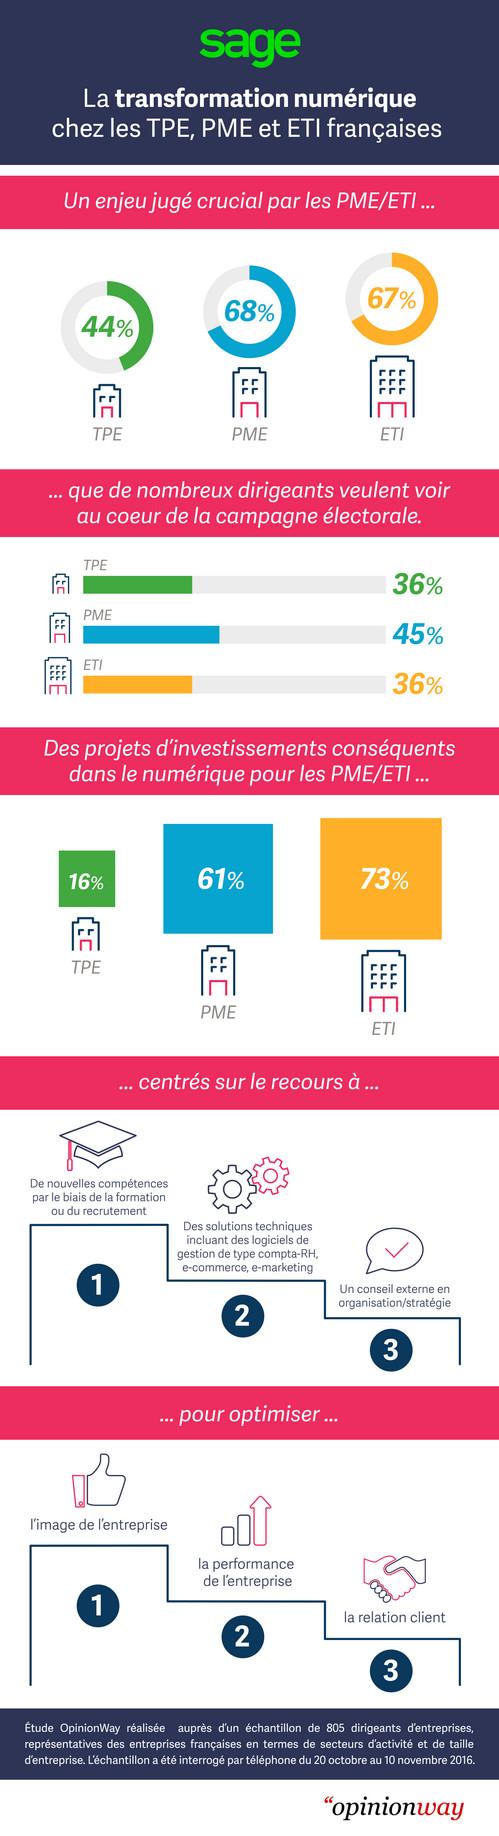 Transformation numérique : le dynamisme des entreprises françaises